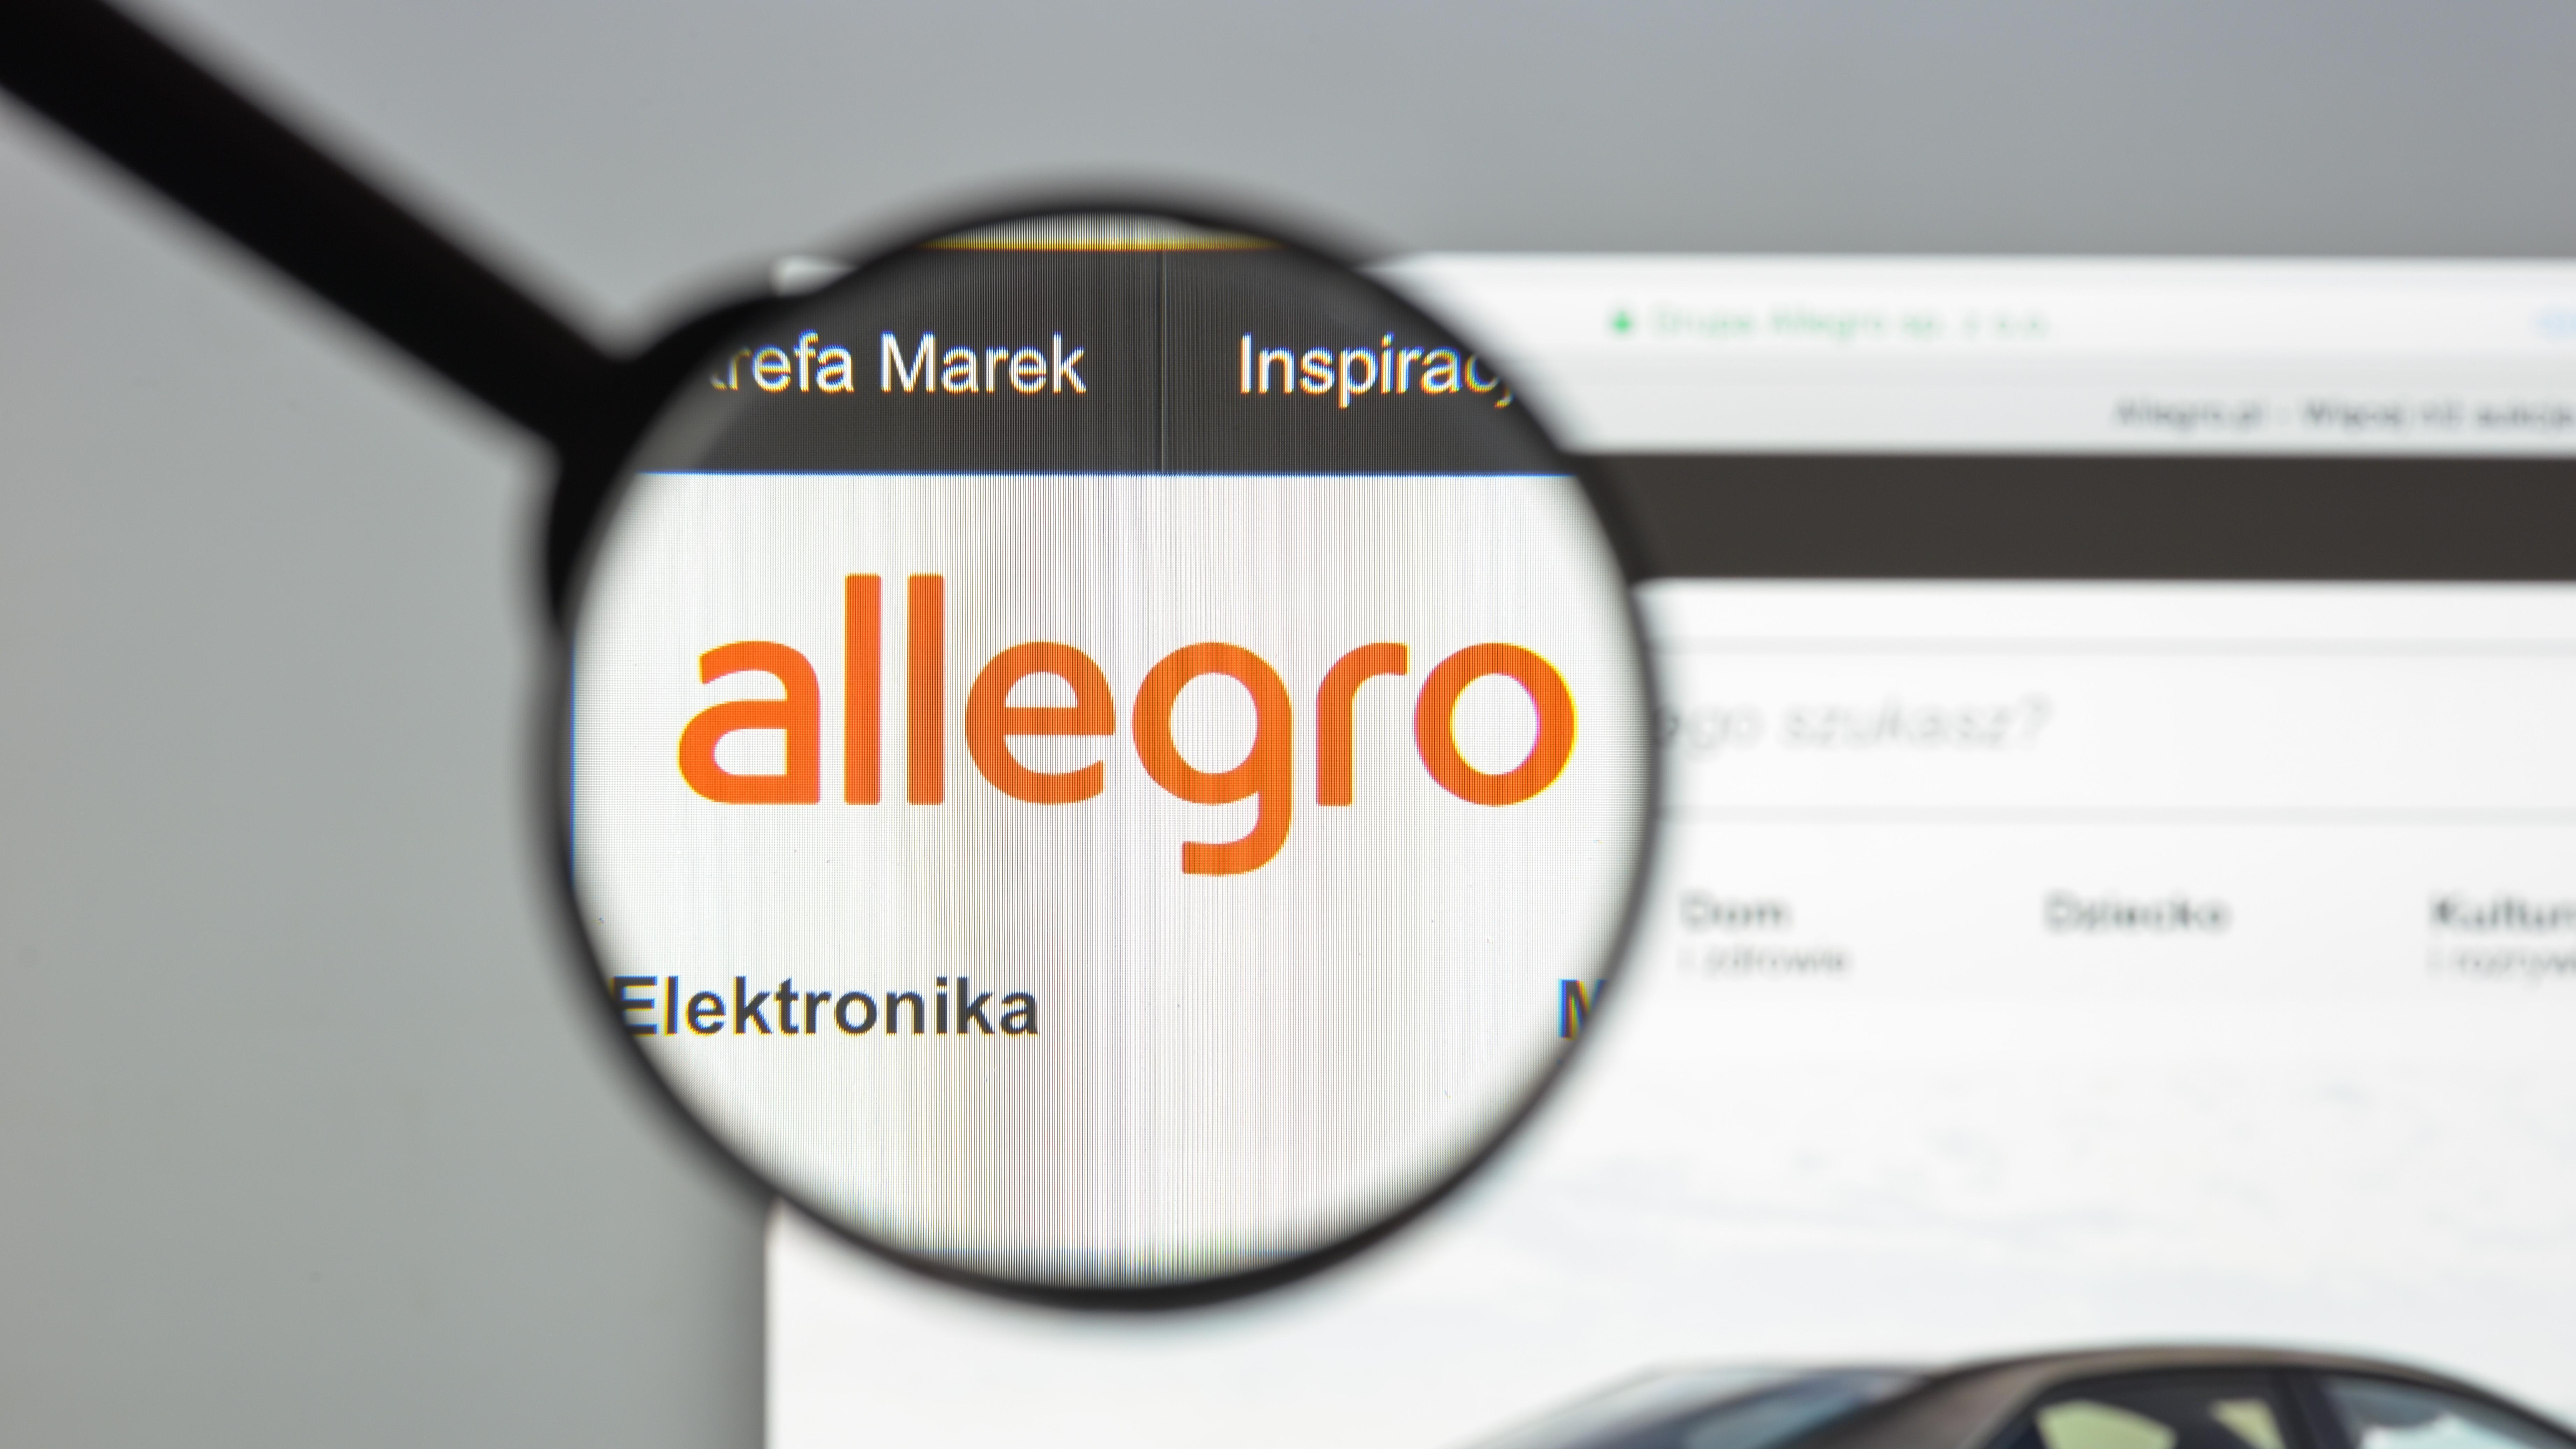 Allegro Z Promocja Dla Uzytkownikow Smart Kupon Rabatowy 20 Zl Na Zakupy